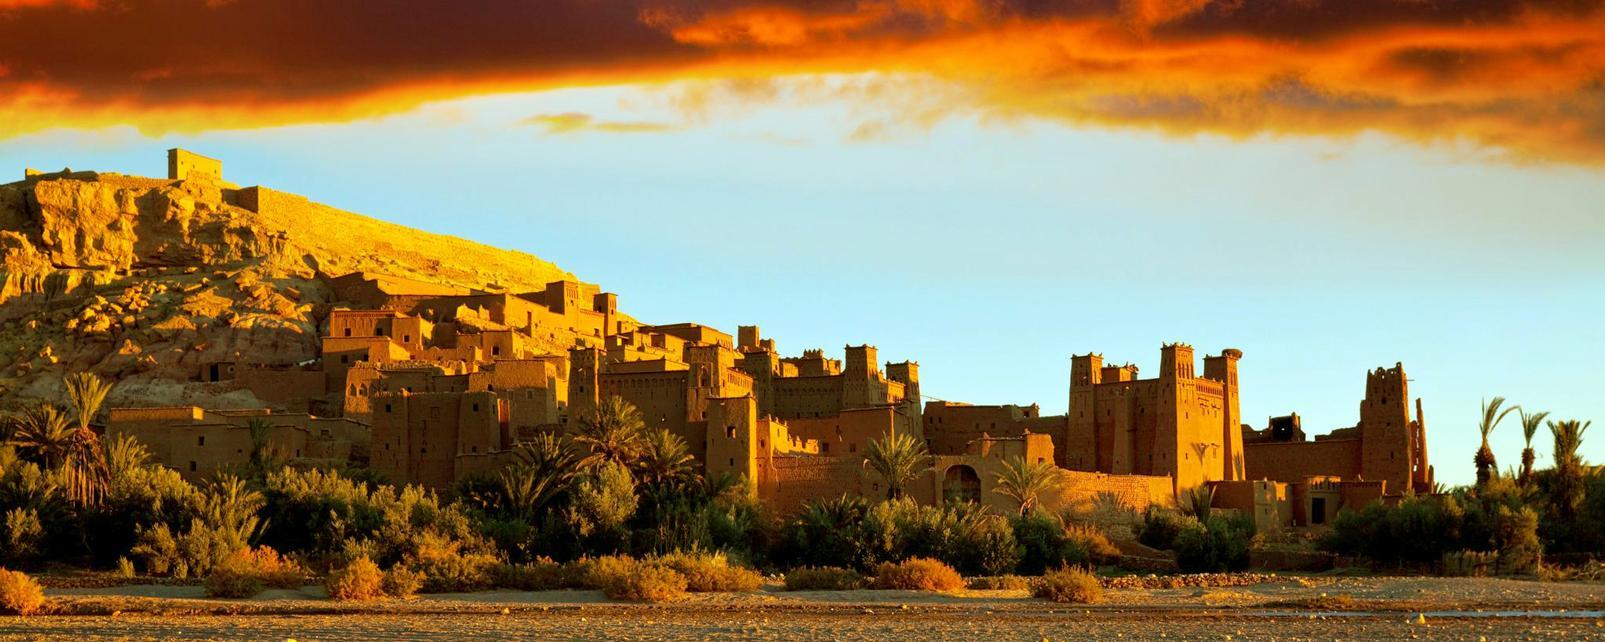 les plus belles photos d 39 oasis au maroc easyvoyage. Black Bedroom Furniture Sets. Home Design Ideas